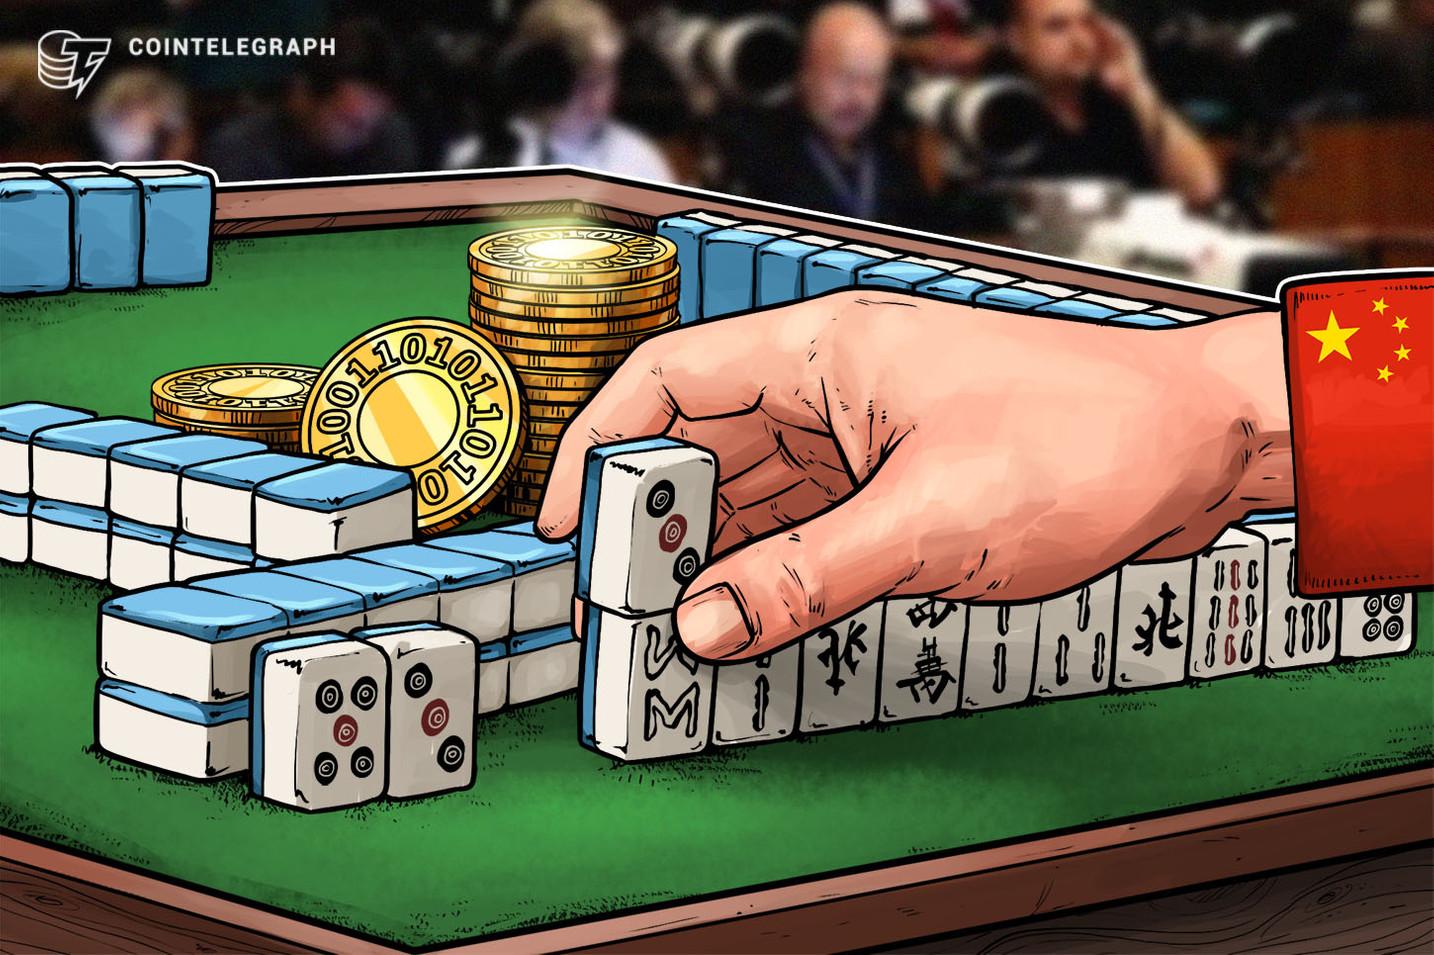 Tianya, uno dei più importanti social network in Cina, lancerà un nuovo token nativo basato su blockchain